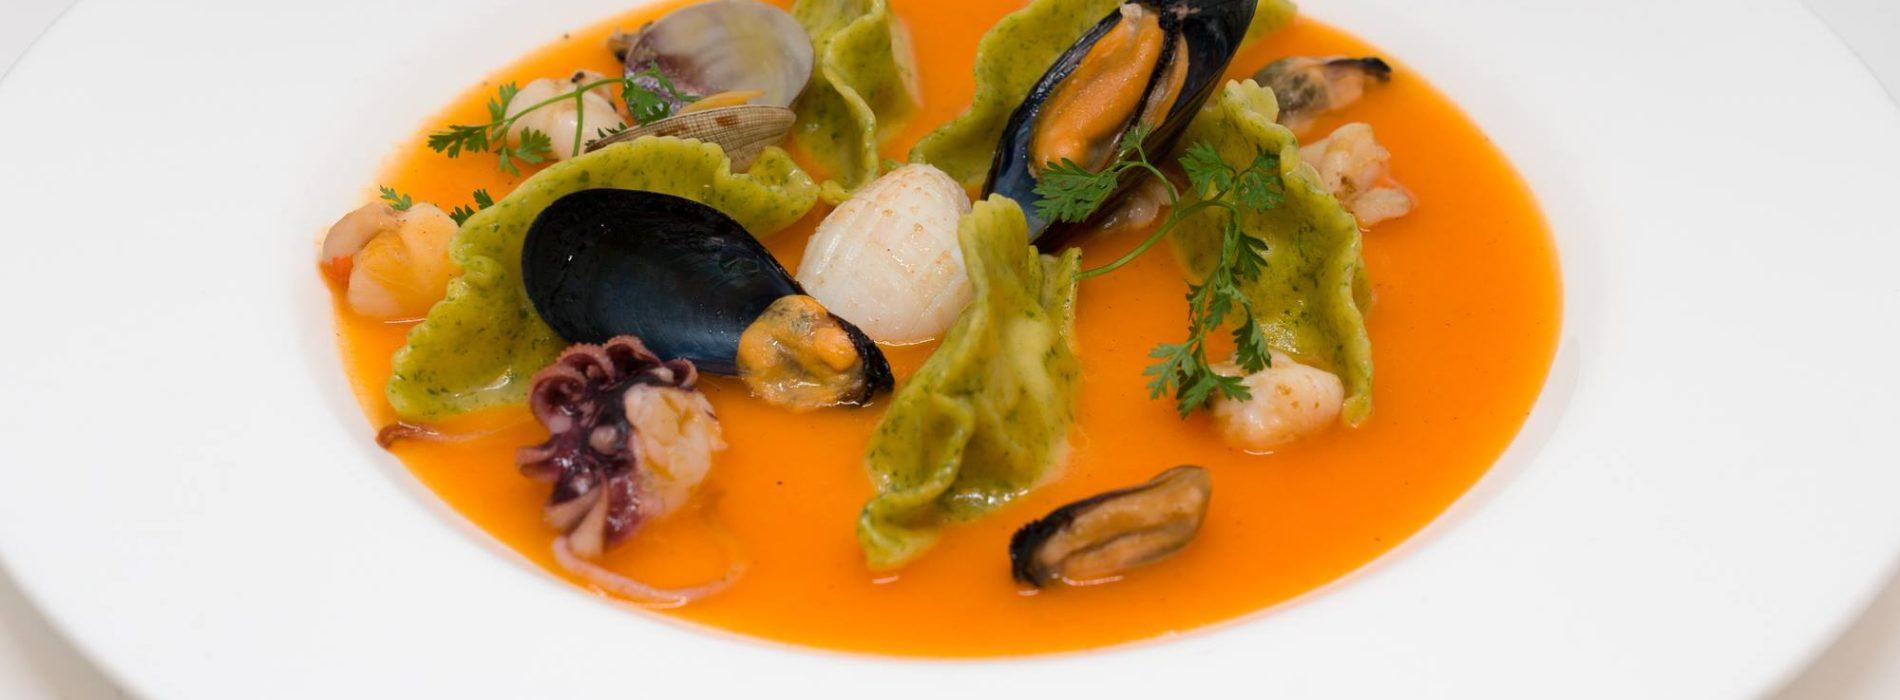 Capodanno 2020 a Venezia, cenone con menu e prezzi dei migliori ristoranti